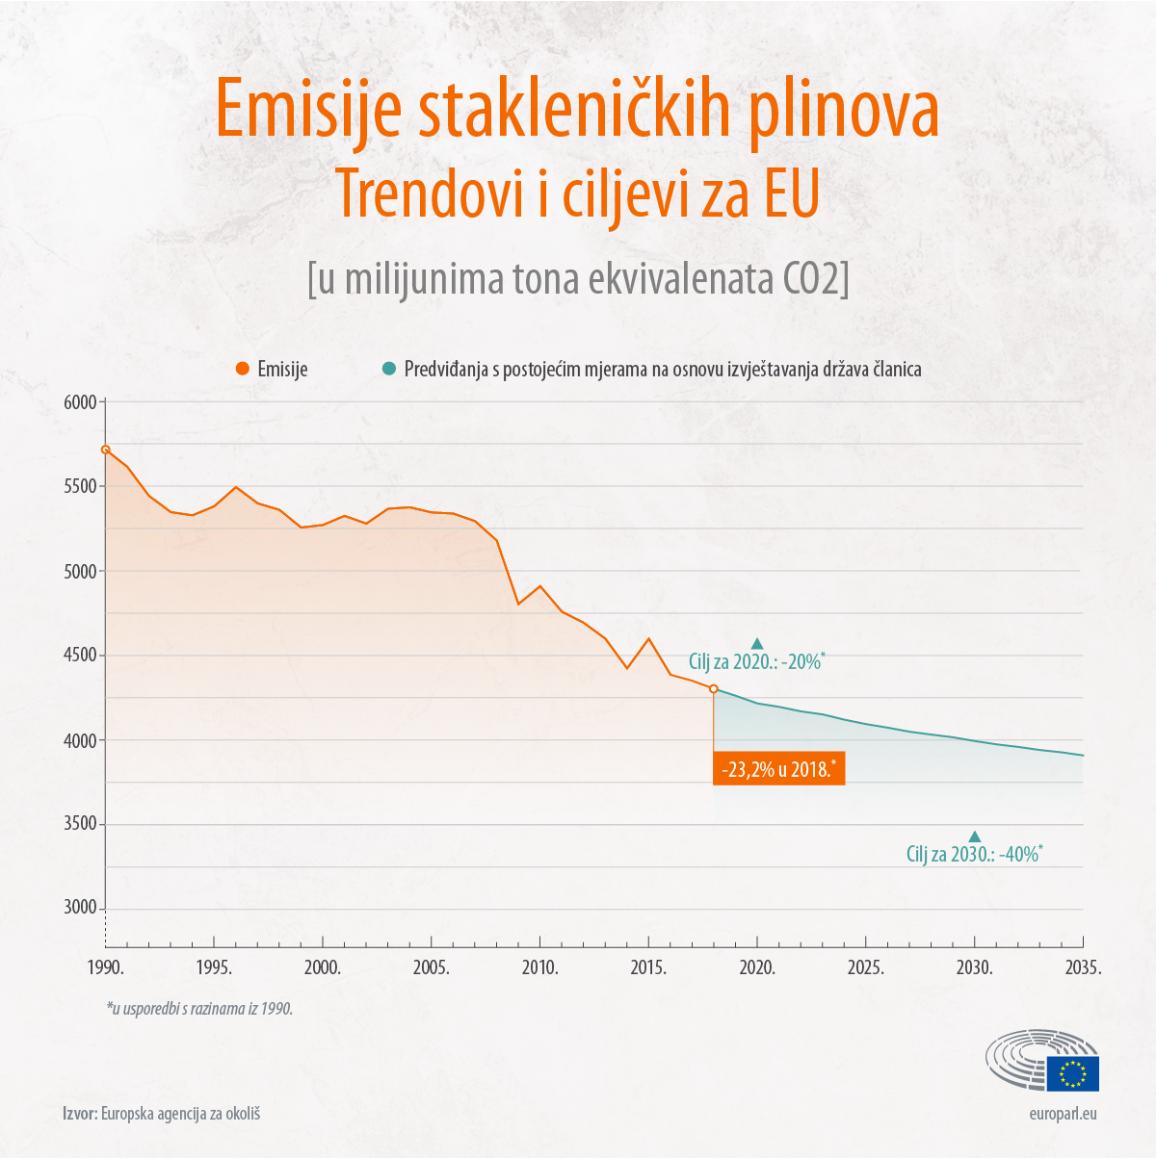 Grafički prikaz emisija stakleničkih plinova te trendova i ciljeva EU-a na vremenskoj crti od 1990. do 2035.